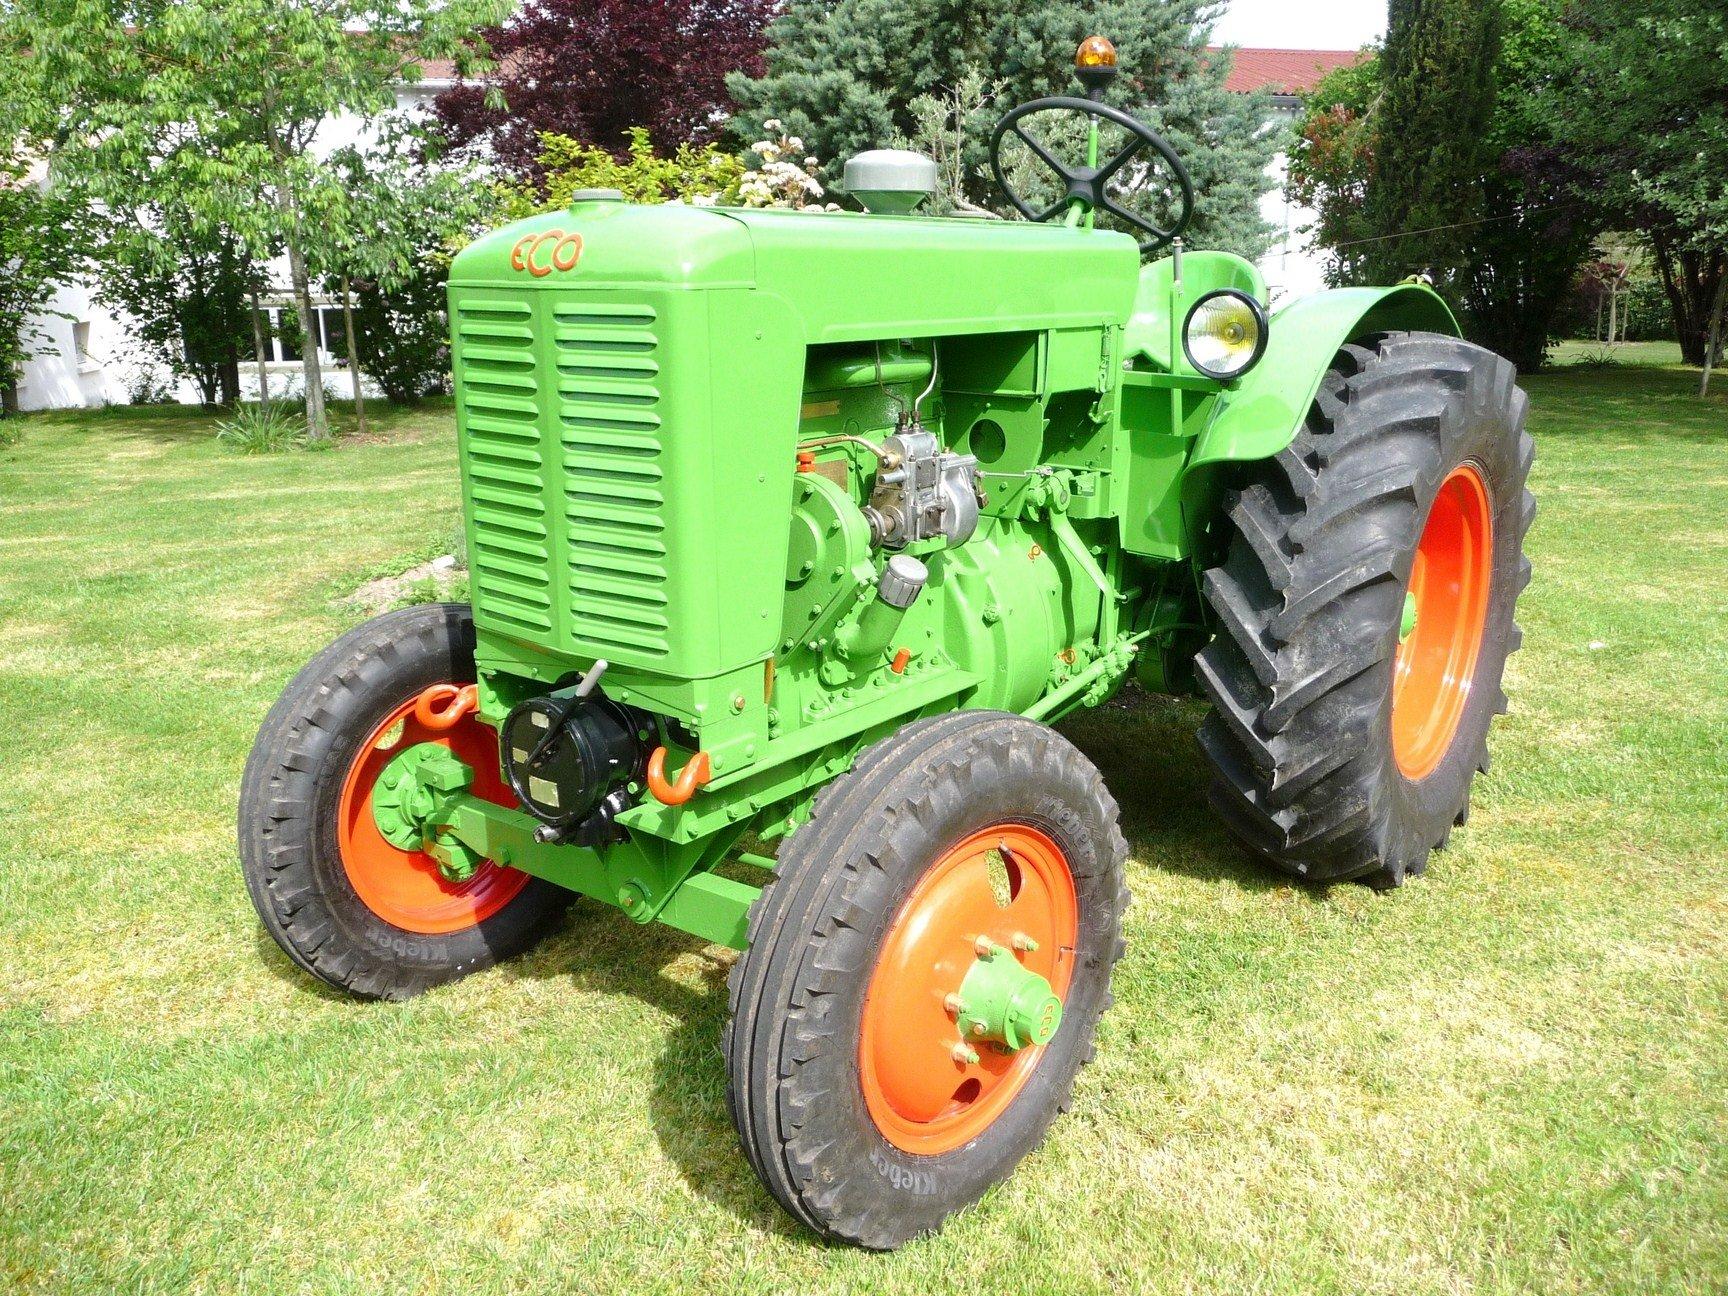 Eco les vieux tracteurs agricoles - Image tracteur ...